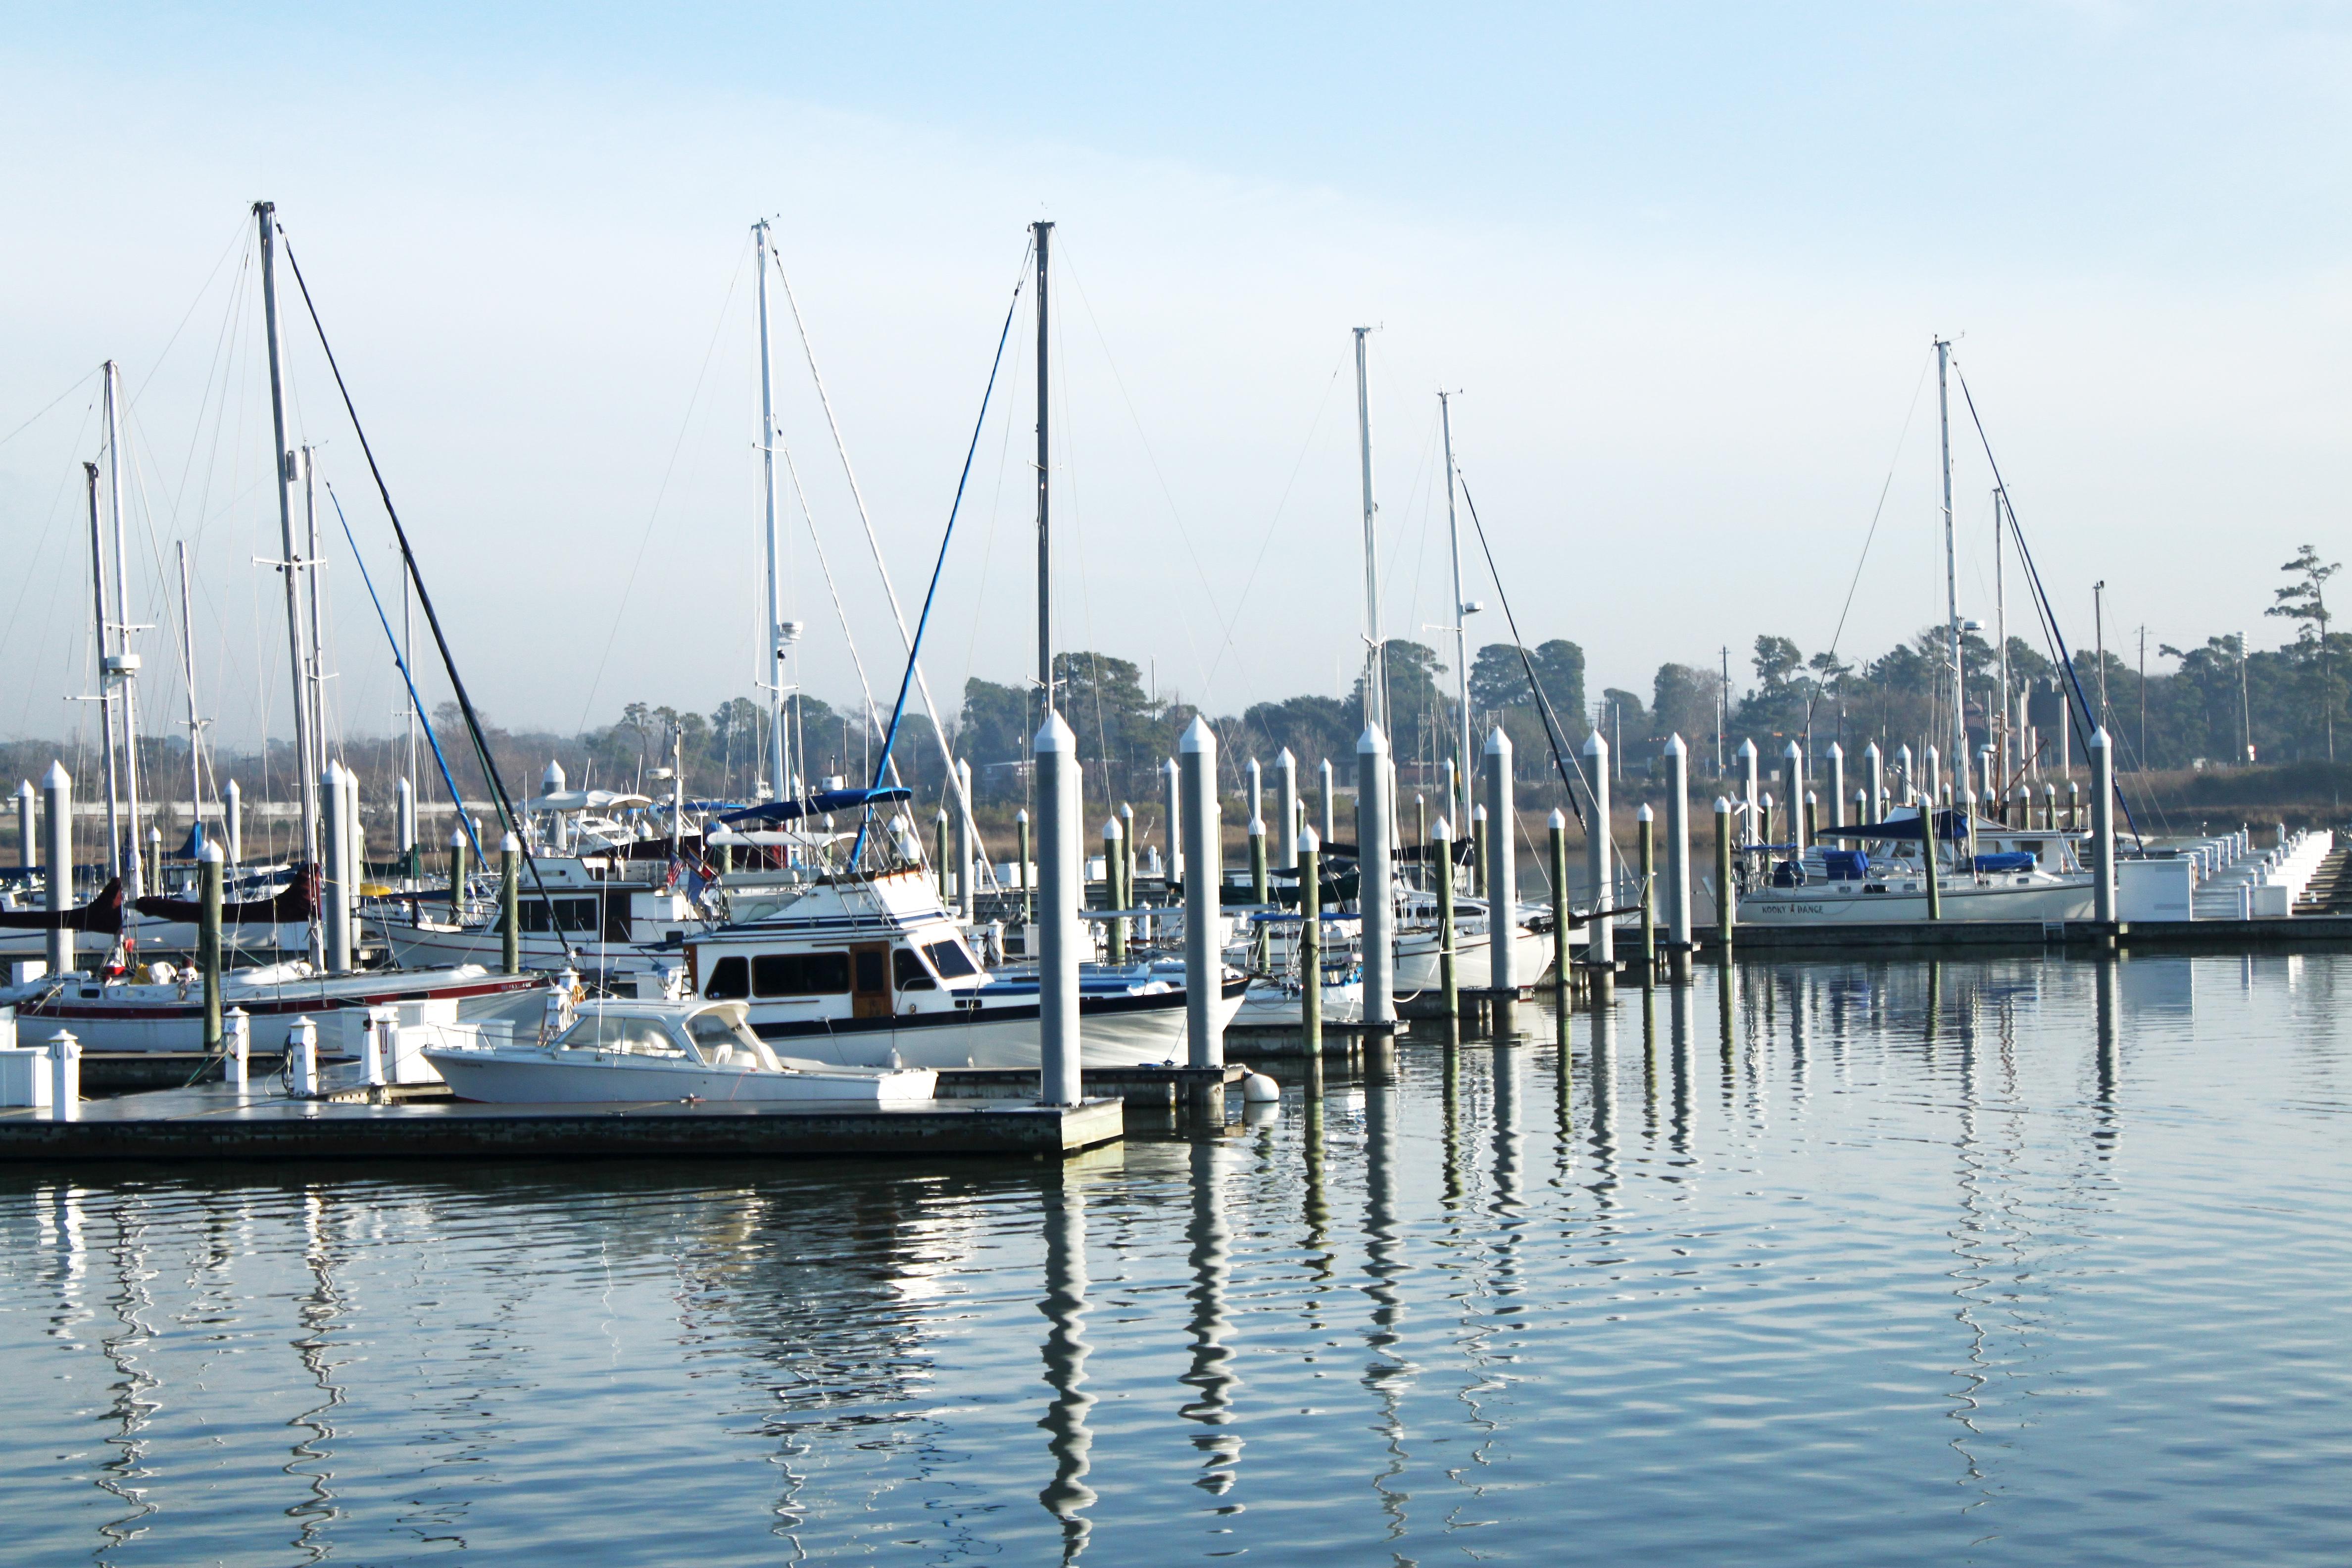 Bayland Marina Boats.JPG